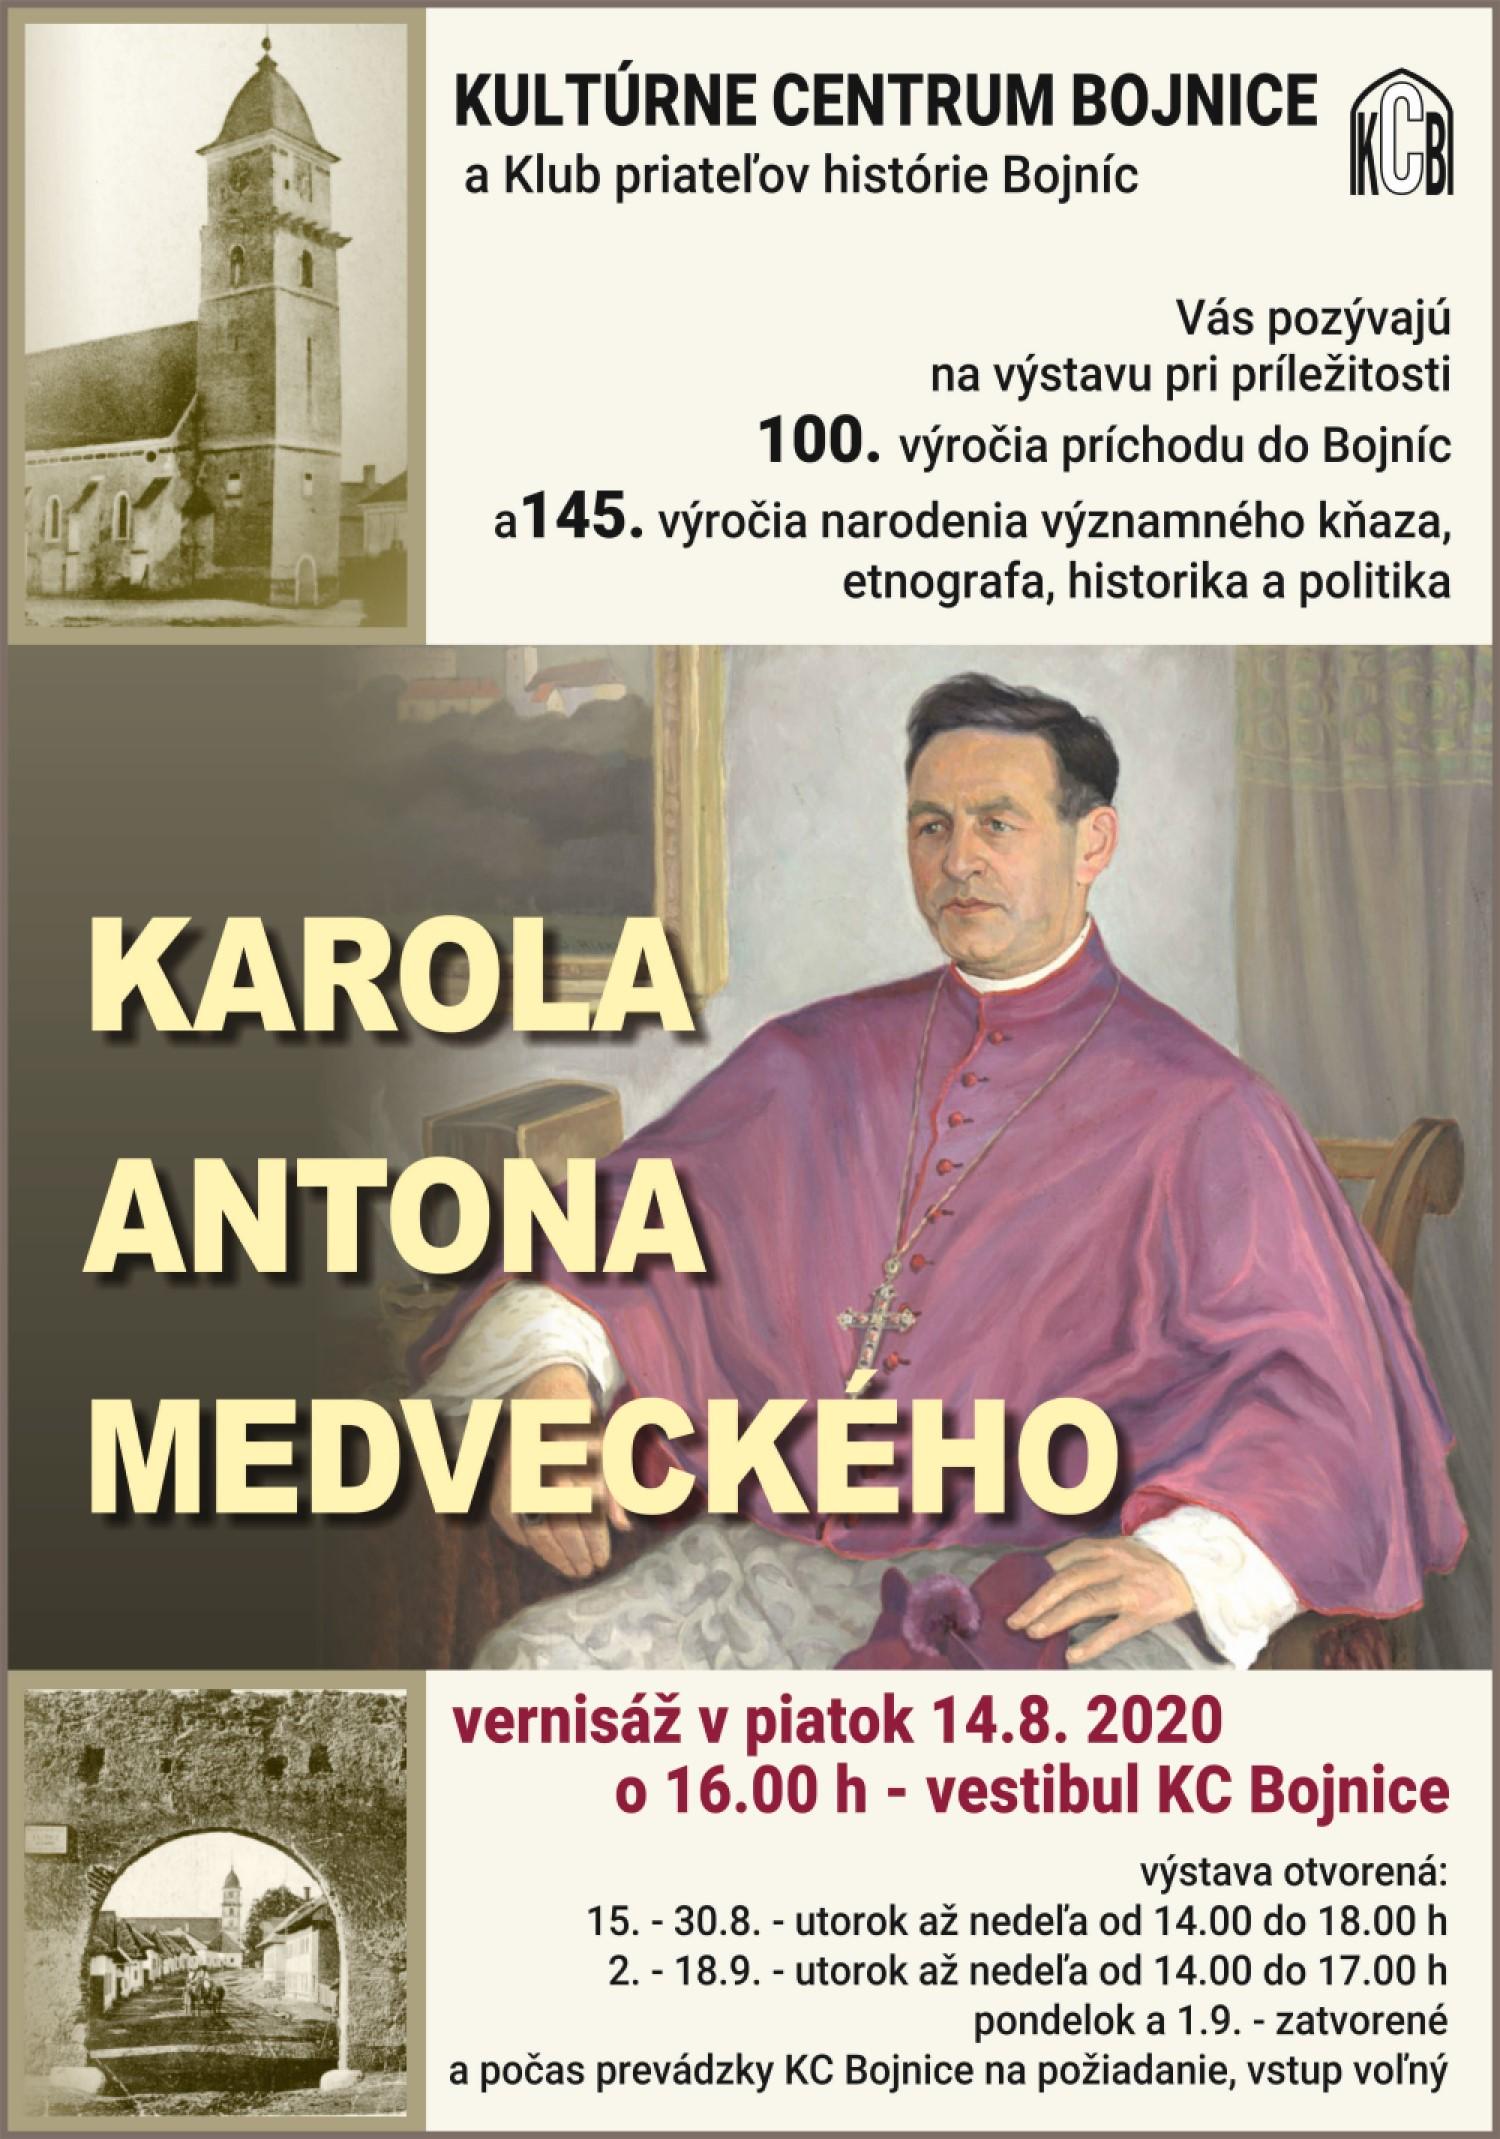 VÝSTAVA PRI PRÍLEŽITOSTI 145. VÝROČIA NARODENIA KAROLA ANTONA MEDVECKÉHO